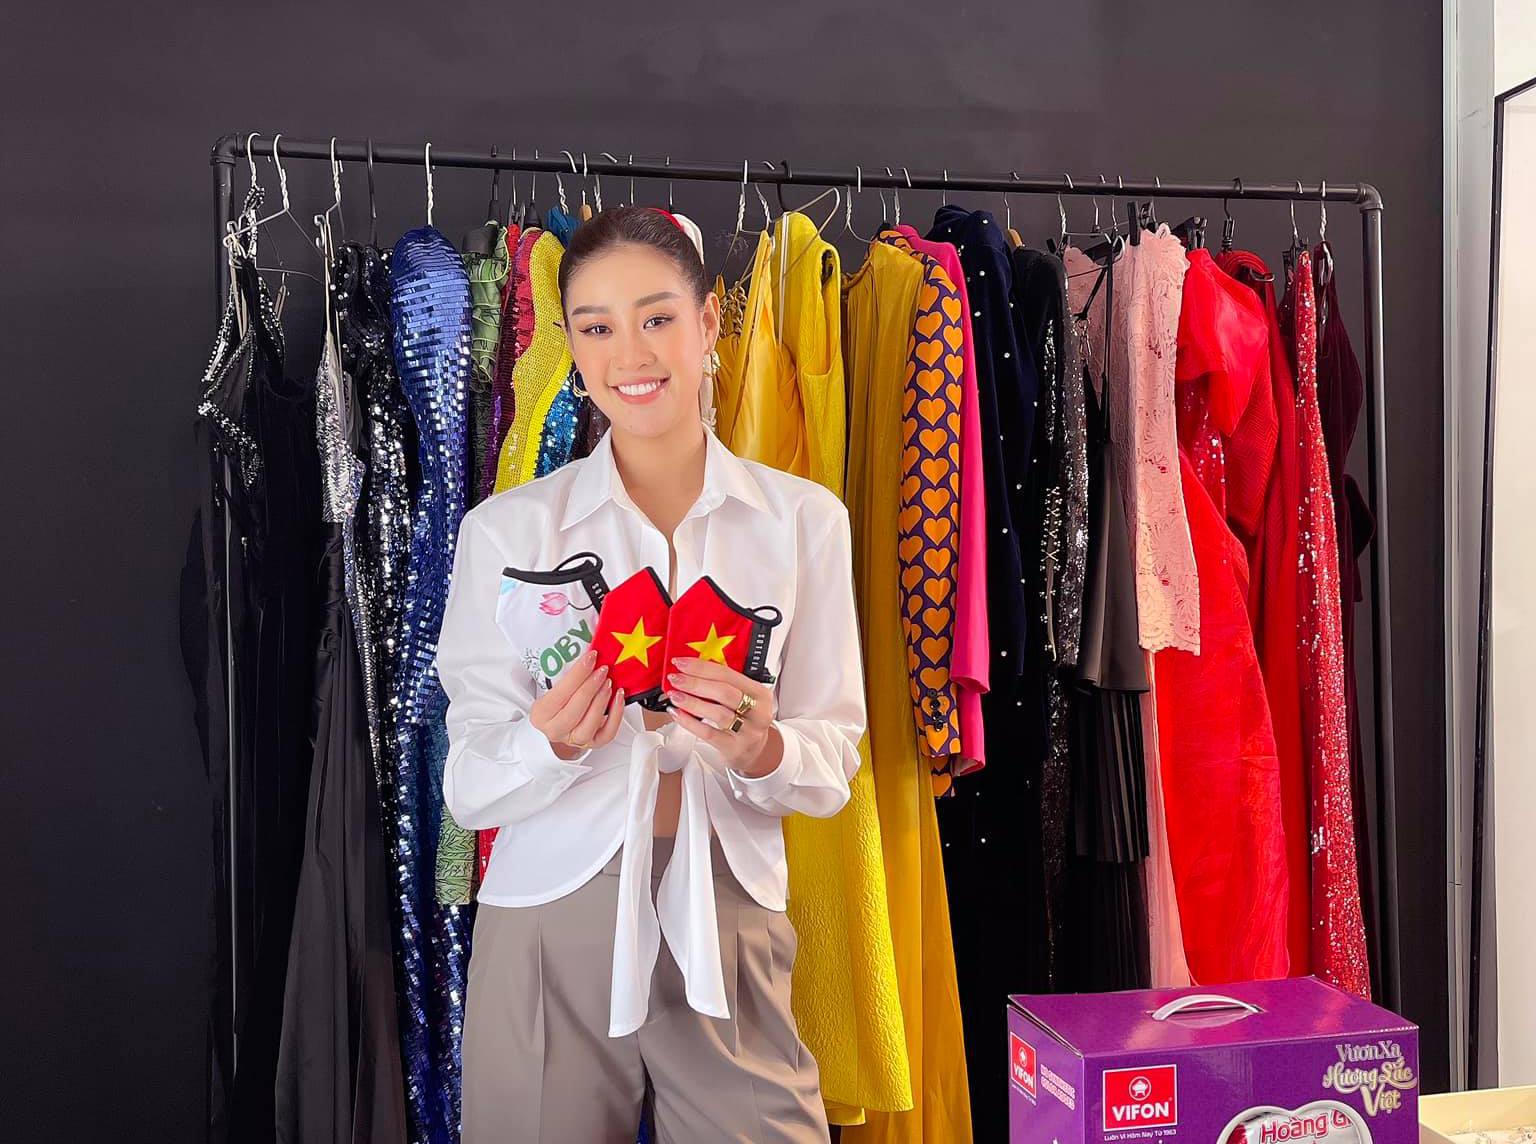 Để chinh chiến ở Miss Universe năm nay, Khánh Vân mang theo 15 vali hành lý, trong đó chứa cả trăm bộ trang phục, được cô cùng ê-kíp dày công chuẩn bị. Tuy nhiên vì cuộc thi chỉ diễn ra trong 10 ngày với nhiều hoạt động mặc đồng phục, Khánh Vân thực tế chỉ sử dụng khoảng 30 outfit trong số đó. Điều này khiến nhiều bộ cánh từng được giới thiệu sẽ đồng hành cùng đại diện Việt Nam tại Miss Universe nhưng cuối cùng lặn mất tăm.